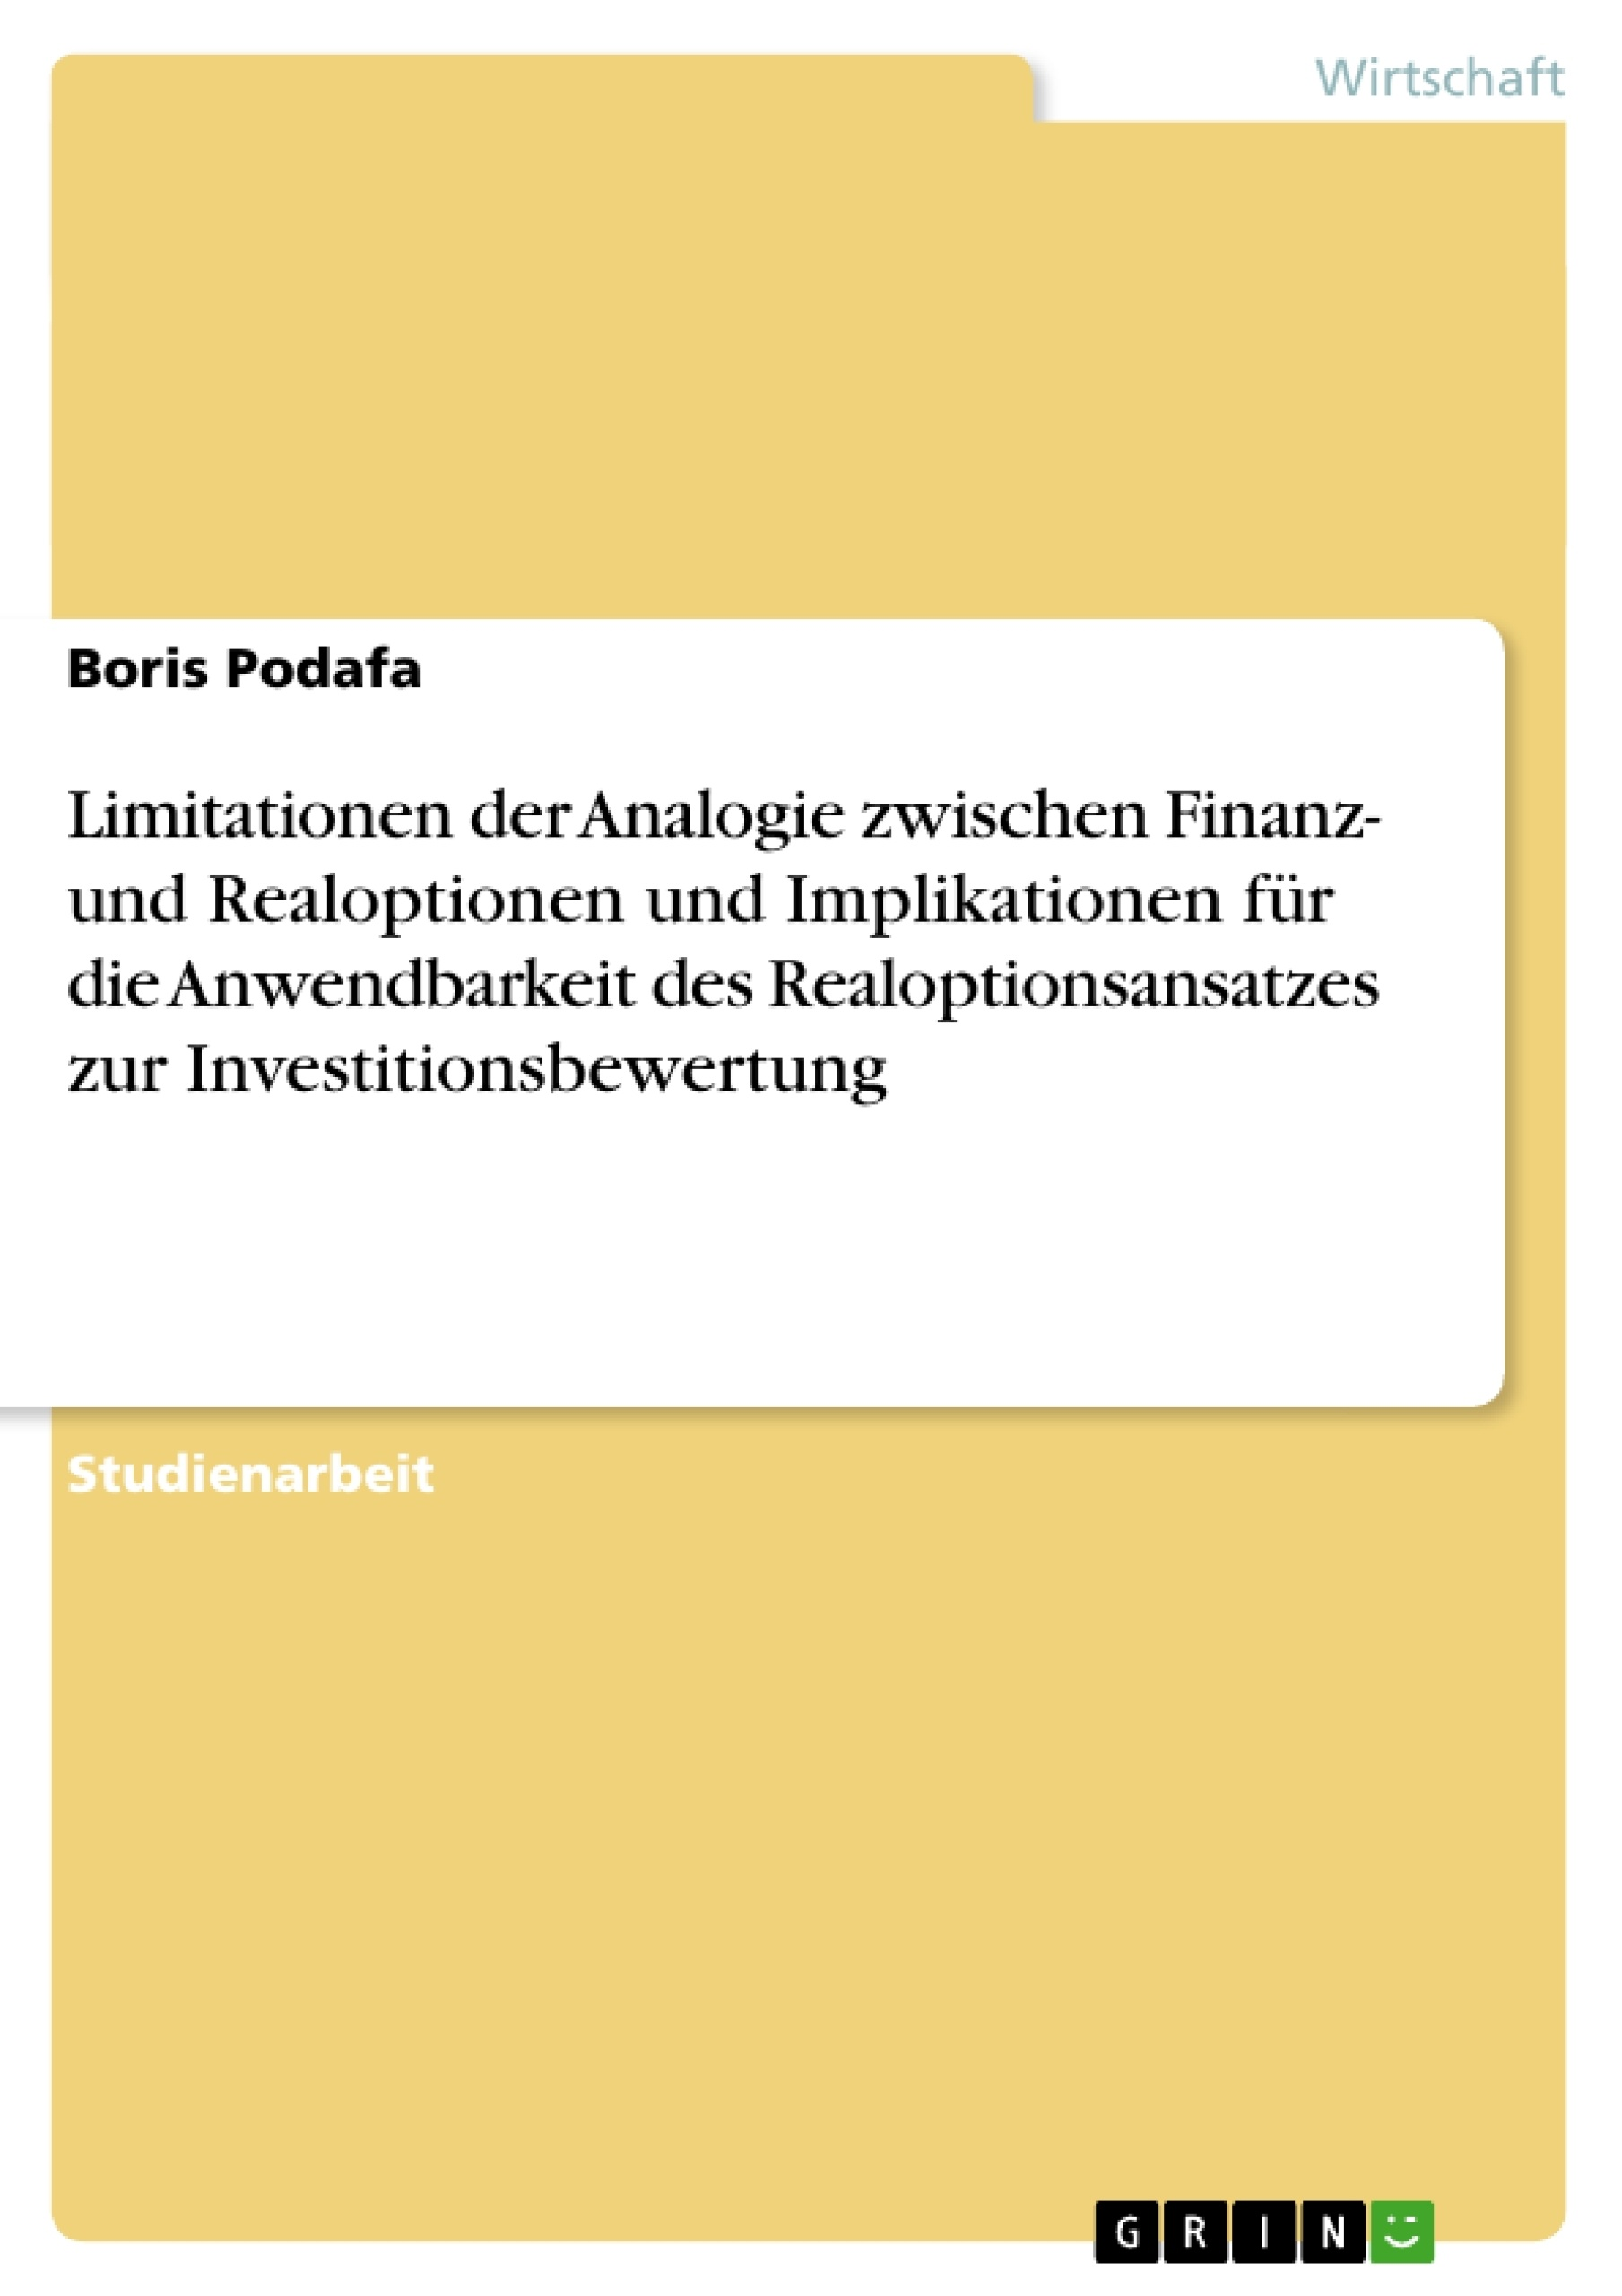 Titel: Limitationen der Analogie zwischen Finanz- und Realoptionen und Implikationen für die Anwendbarkeit des Realoptionsansatzes zur Investitionsbewertung